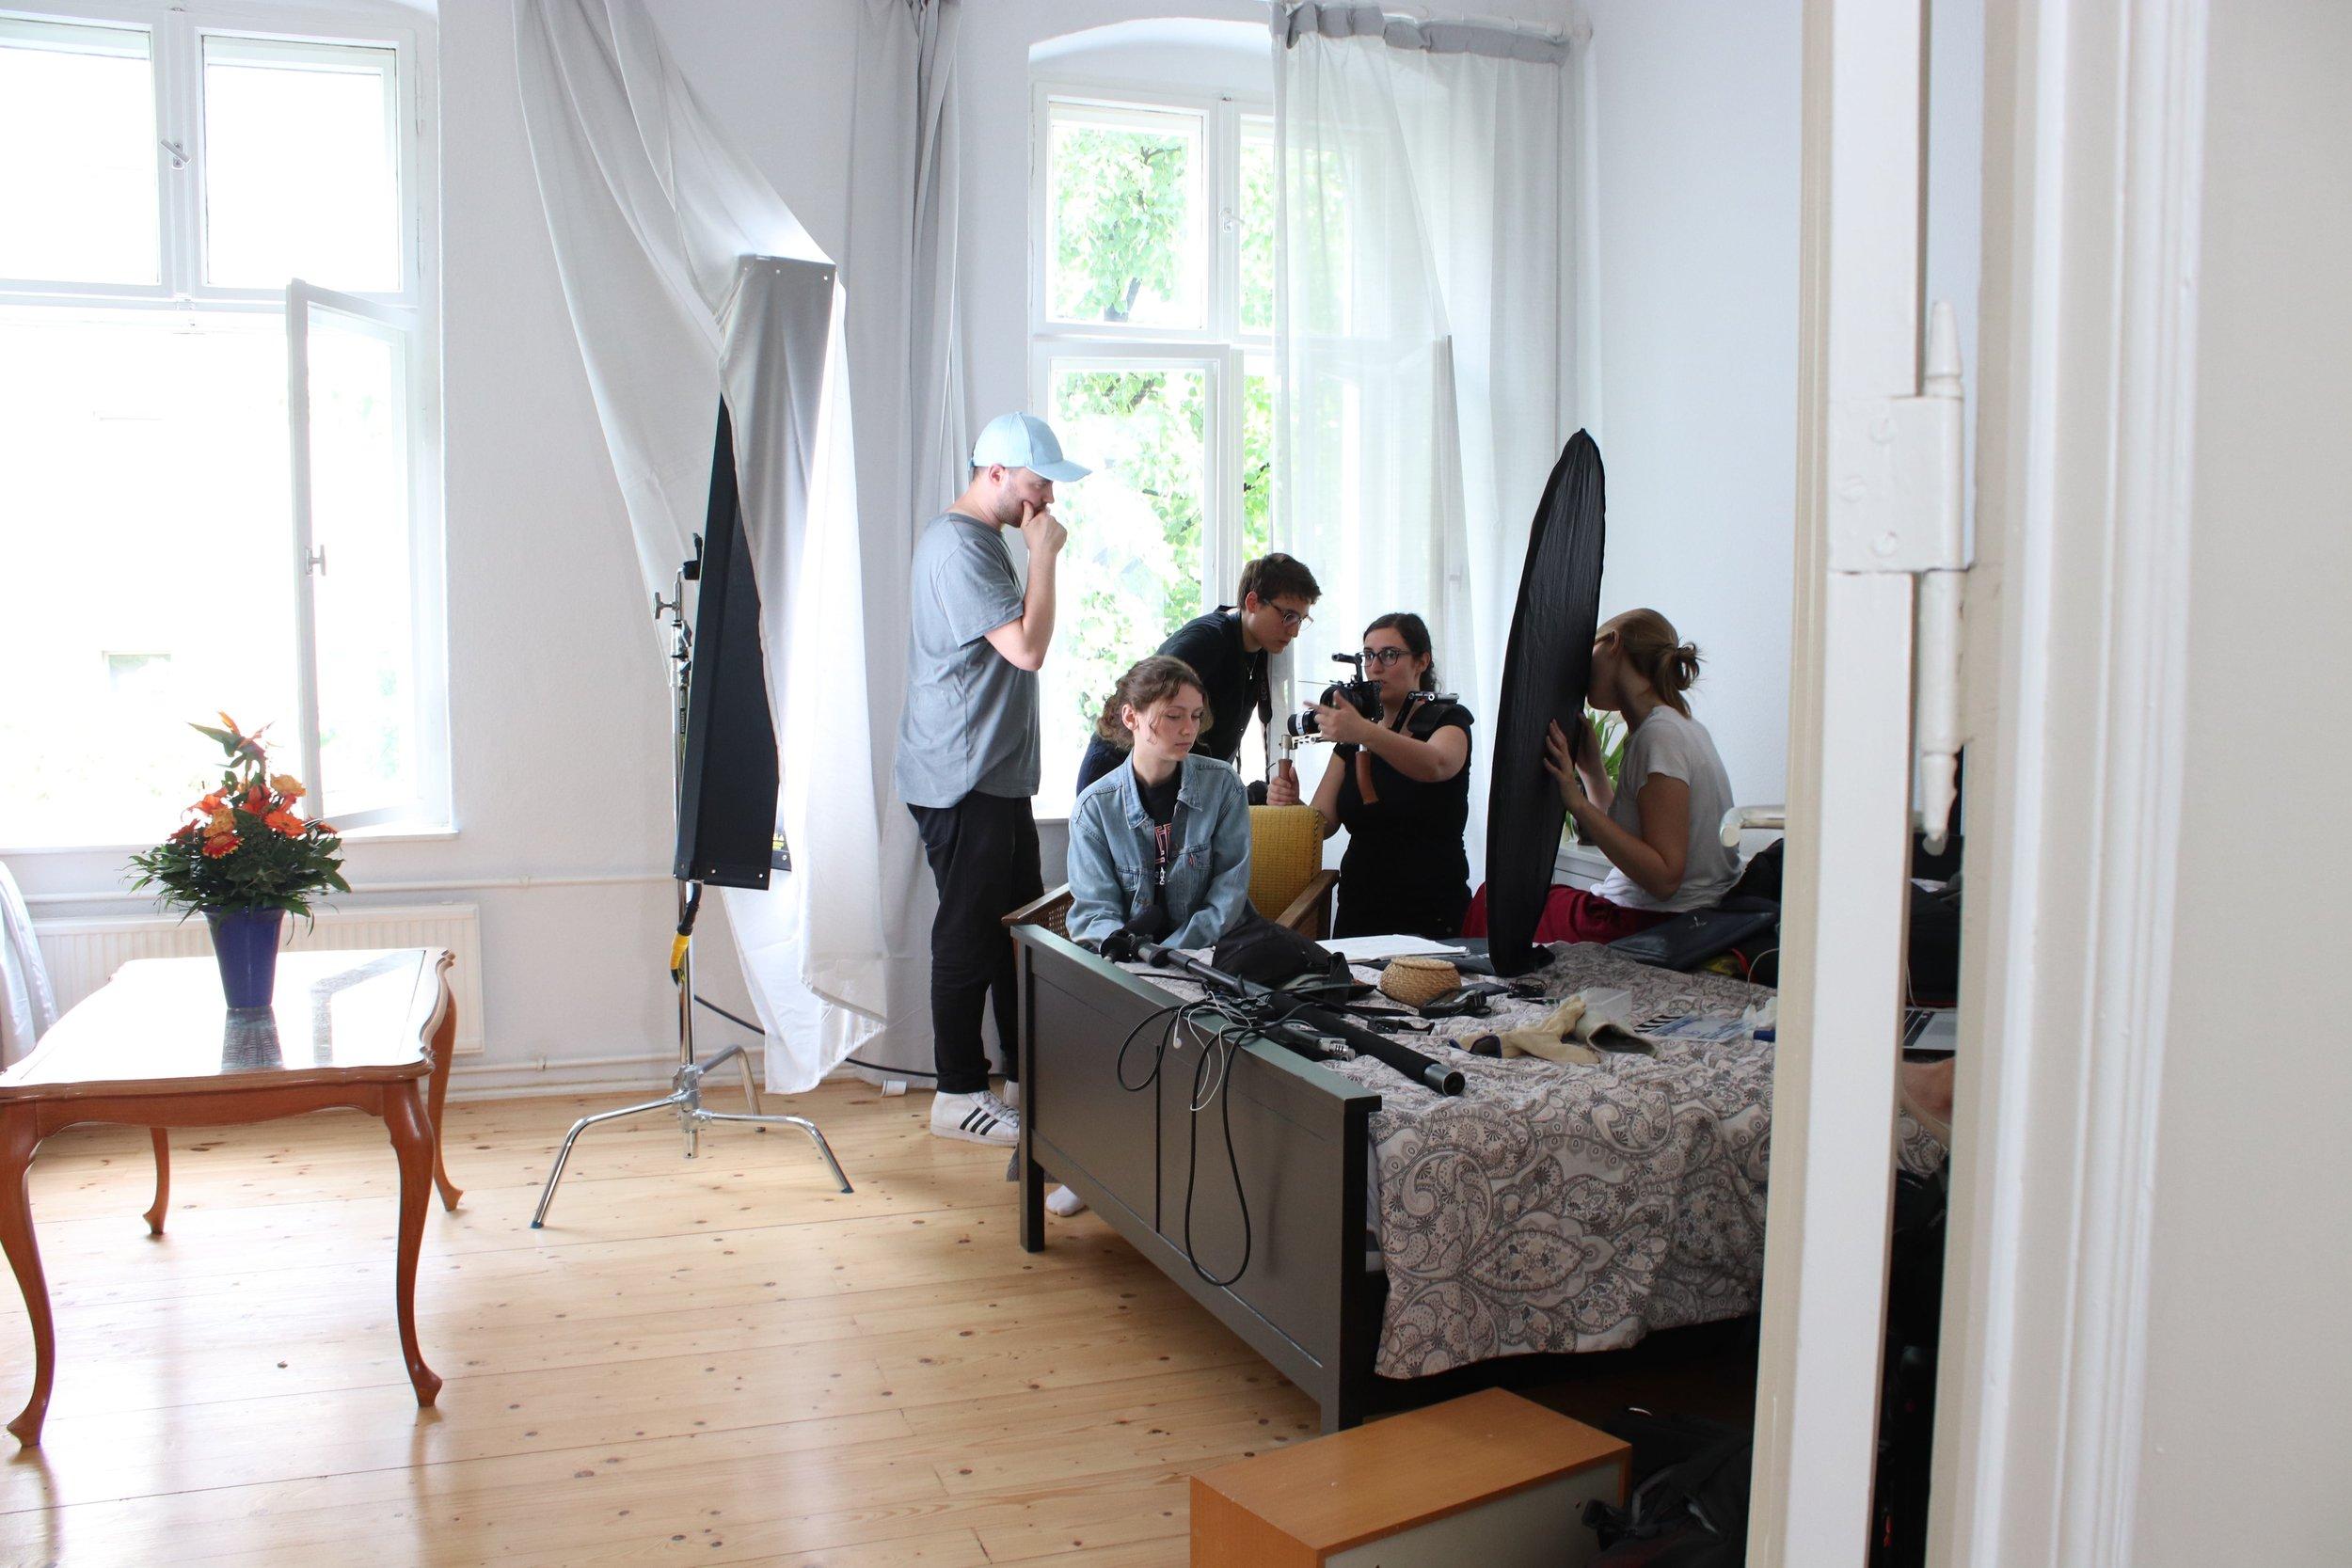 dbs_berlin_on_set_1.jpg